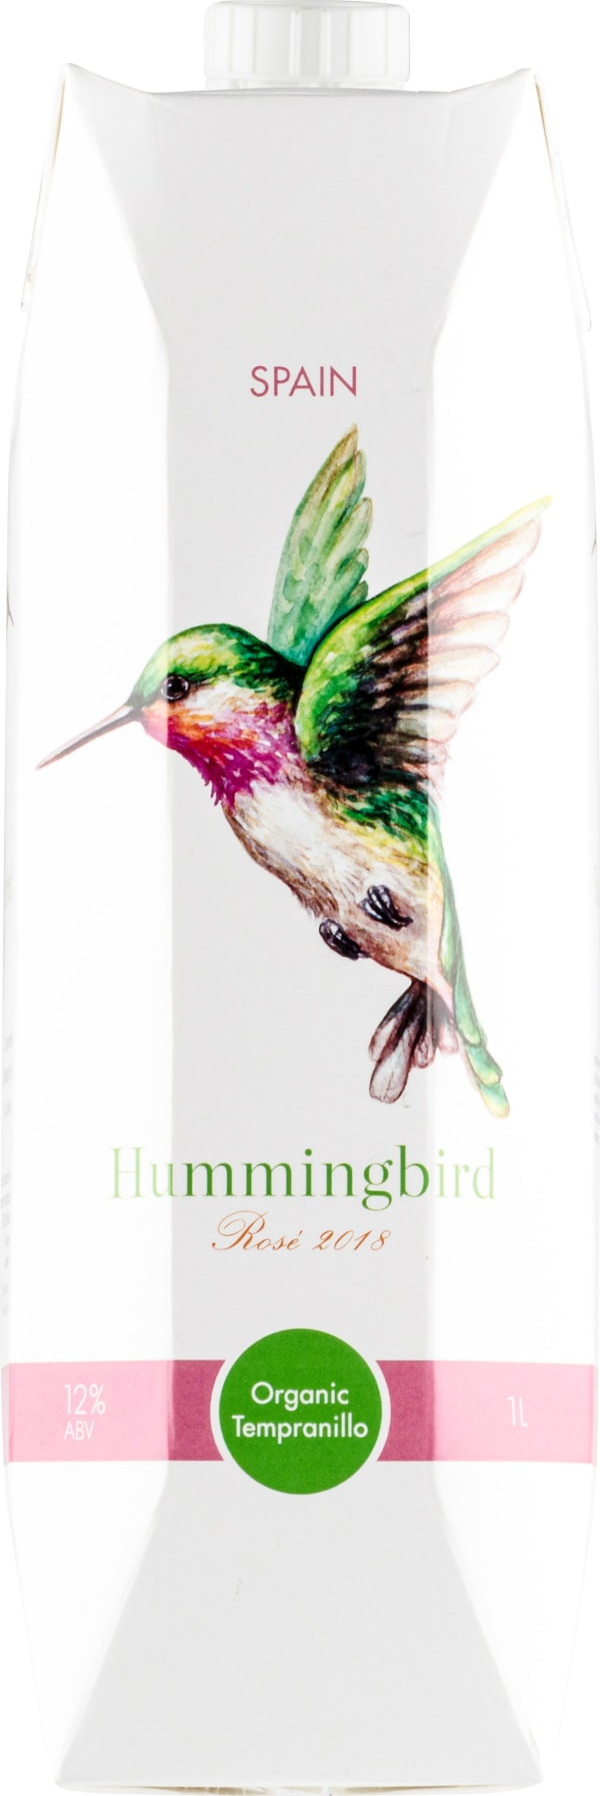 Hummingbird Organic Tempranillo Rosé 2019 kartongförpackning